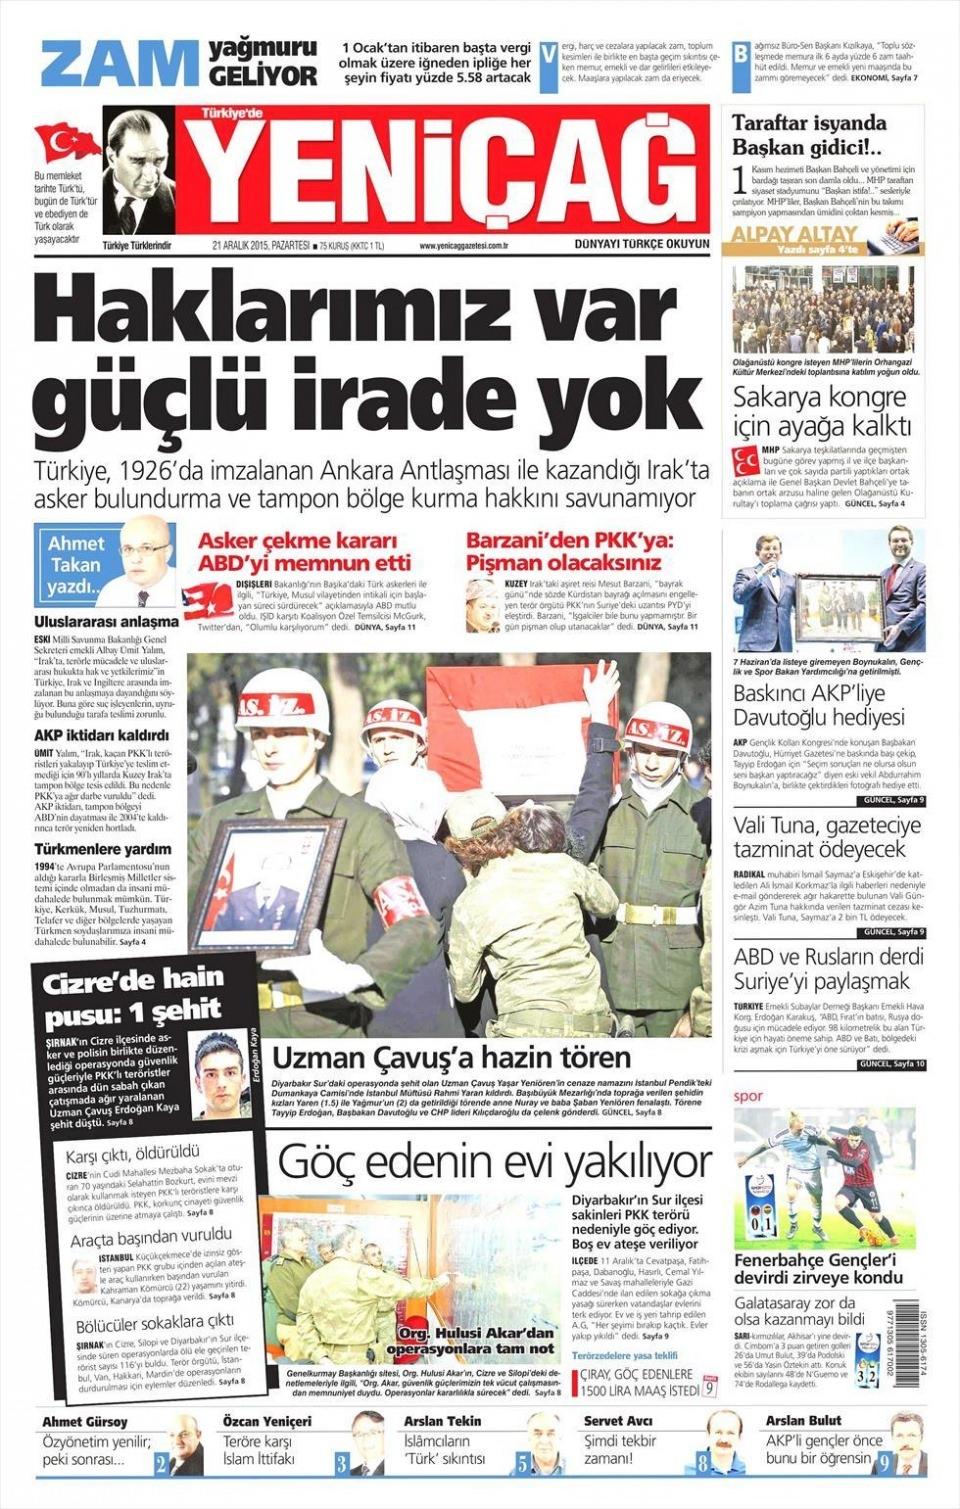 21 Aralık 2015 gazete manşetleri 23